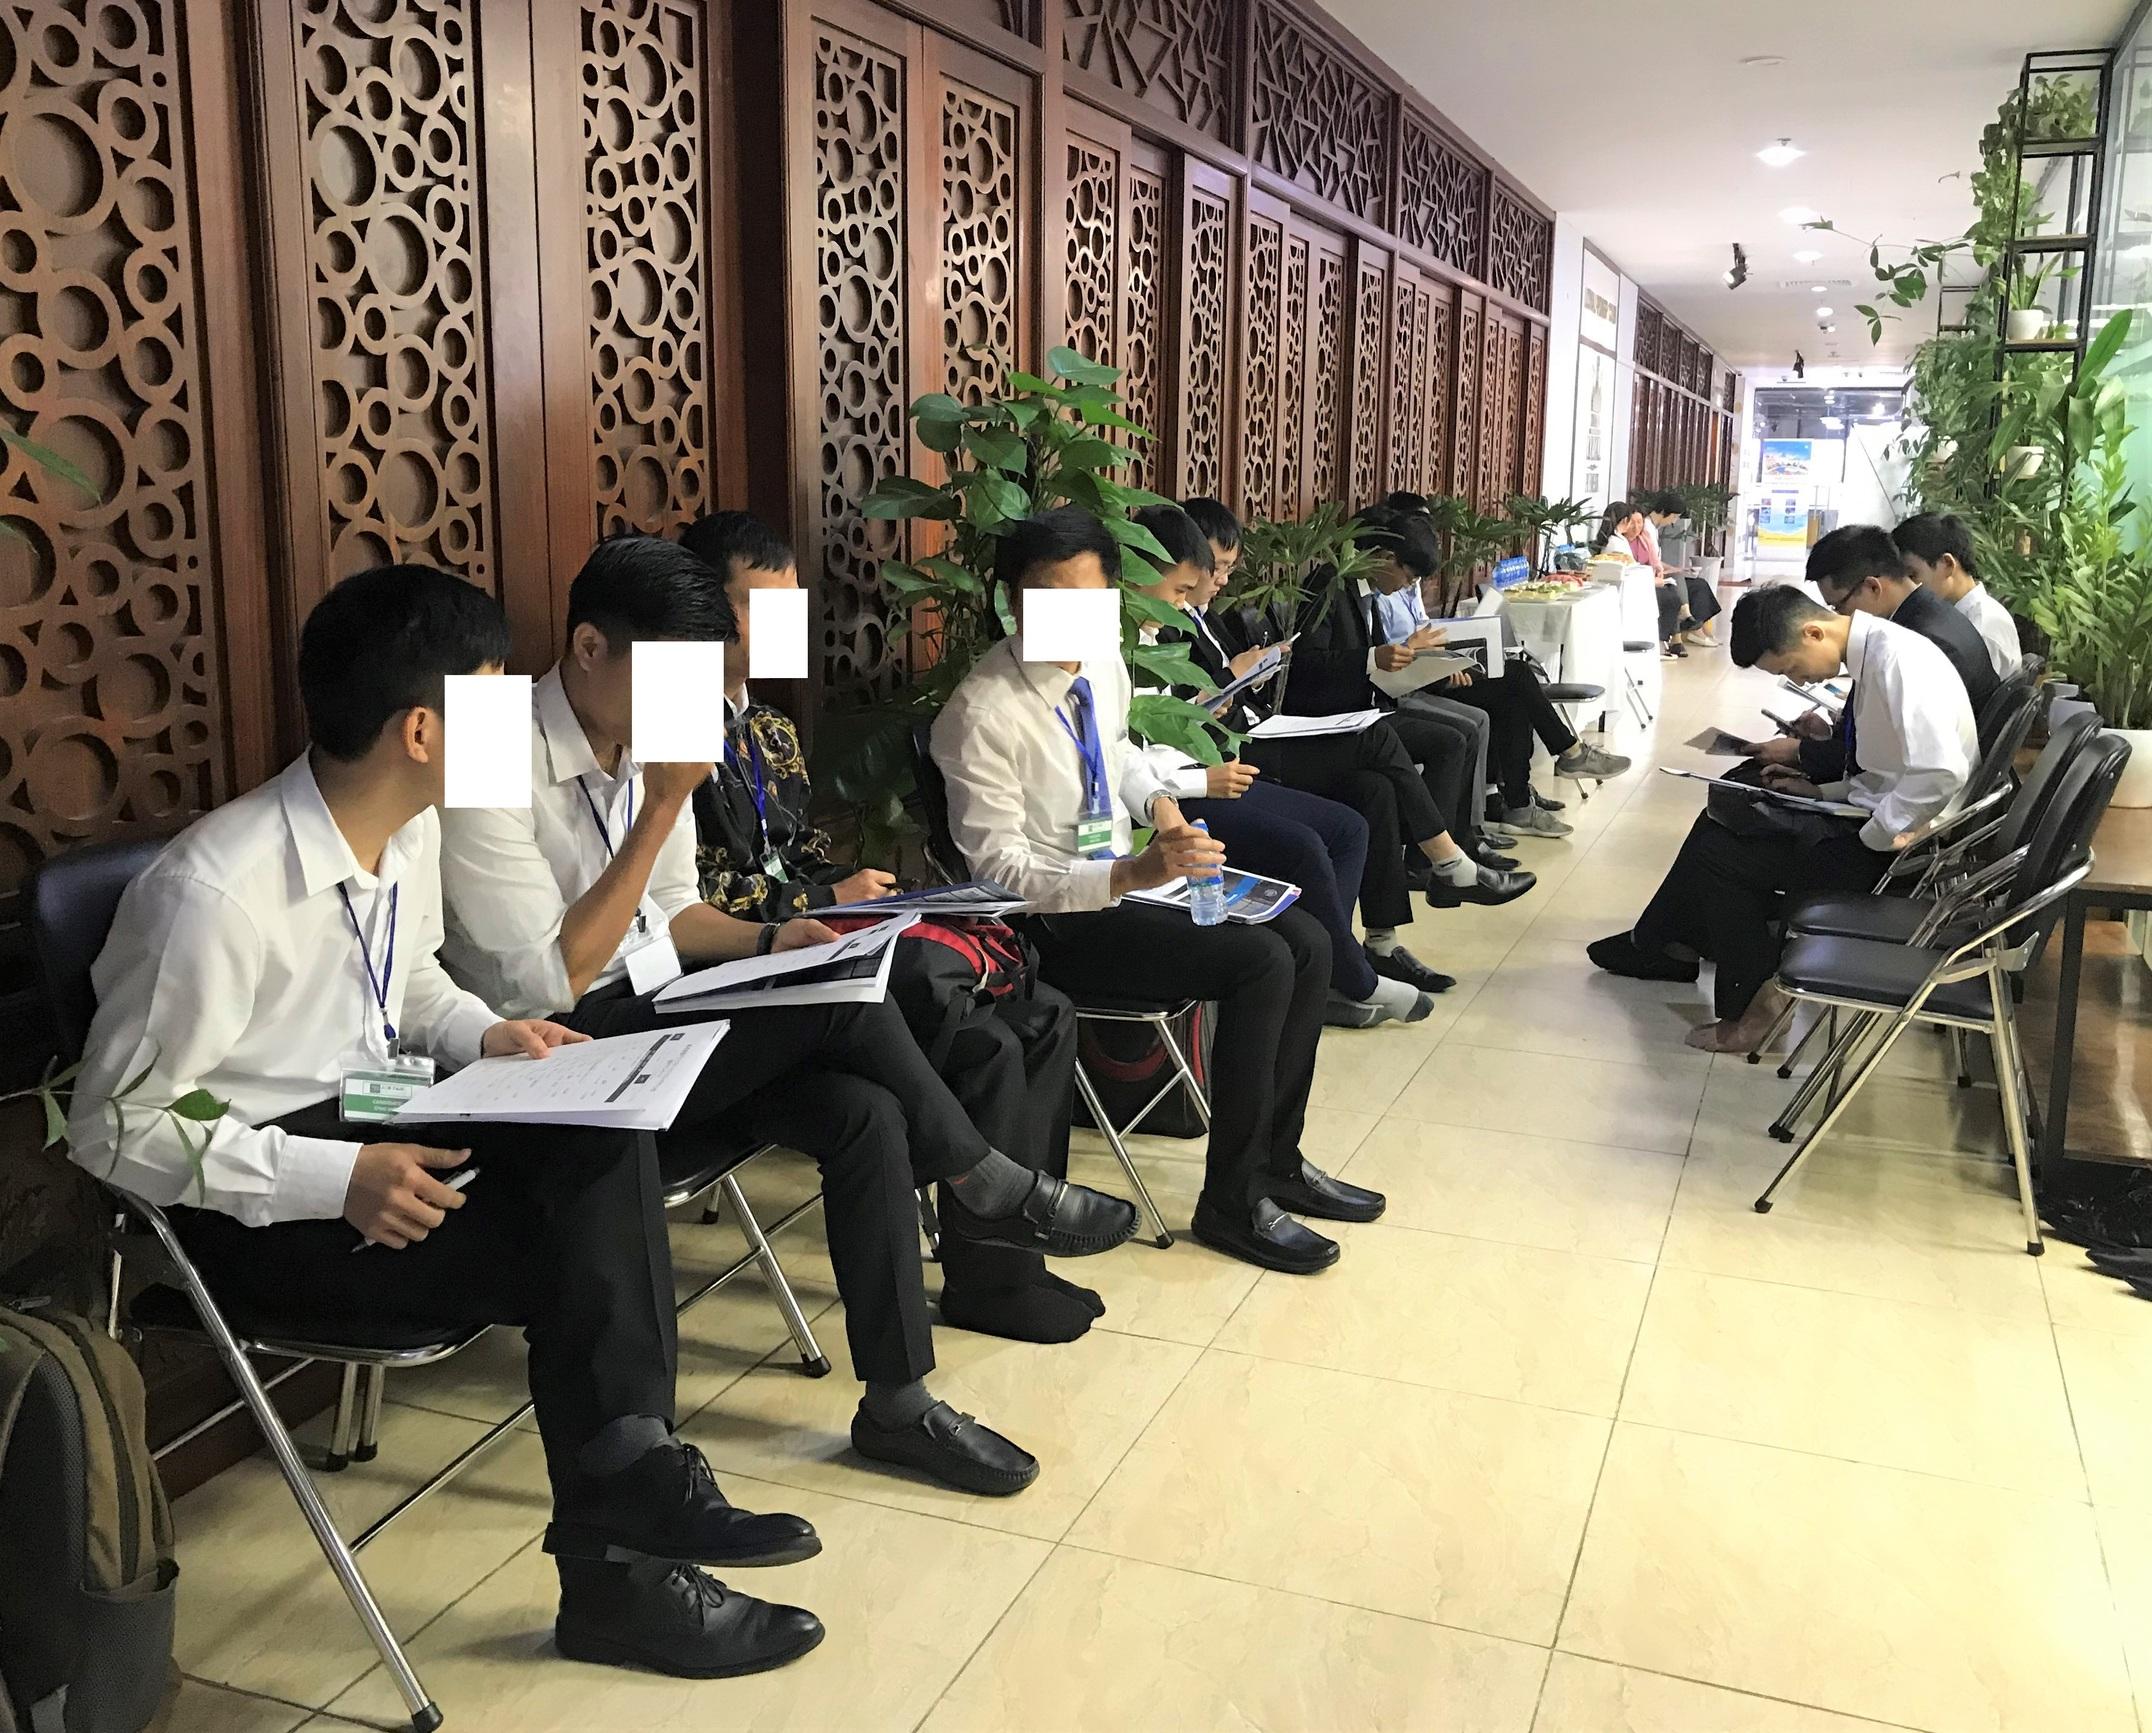 Các bạn ứng viên đang hồi hộp chờ đến lượt phỏng vấn của mình